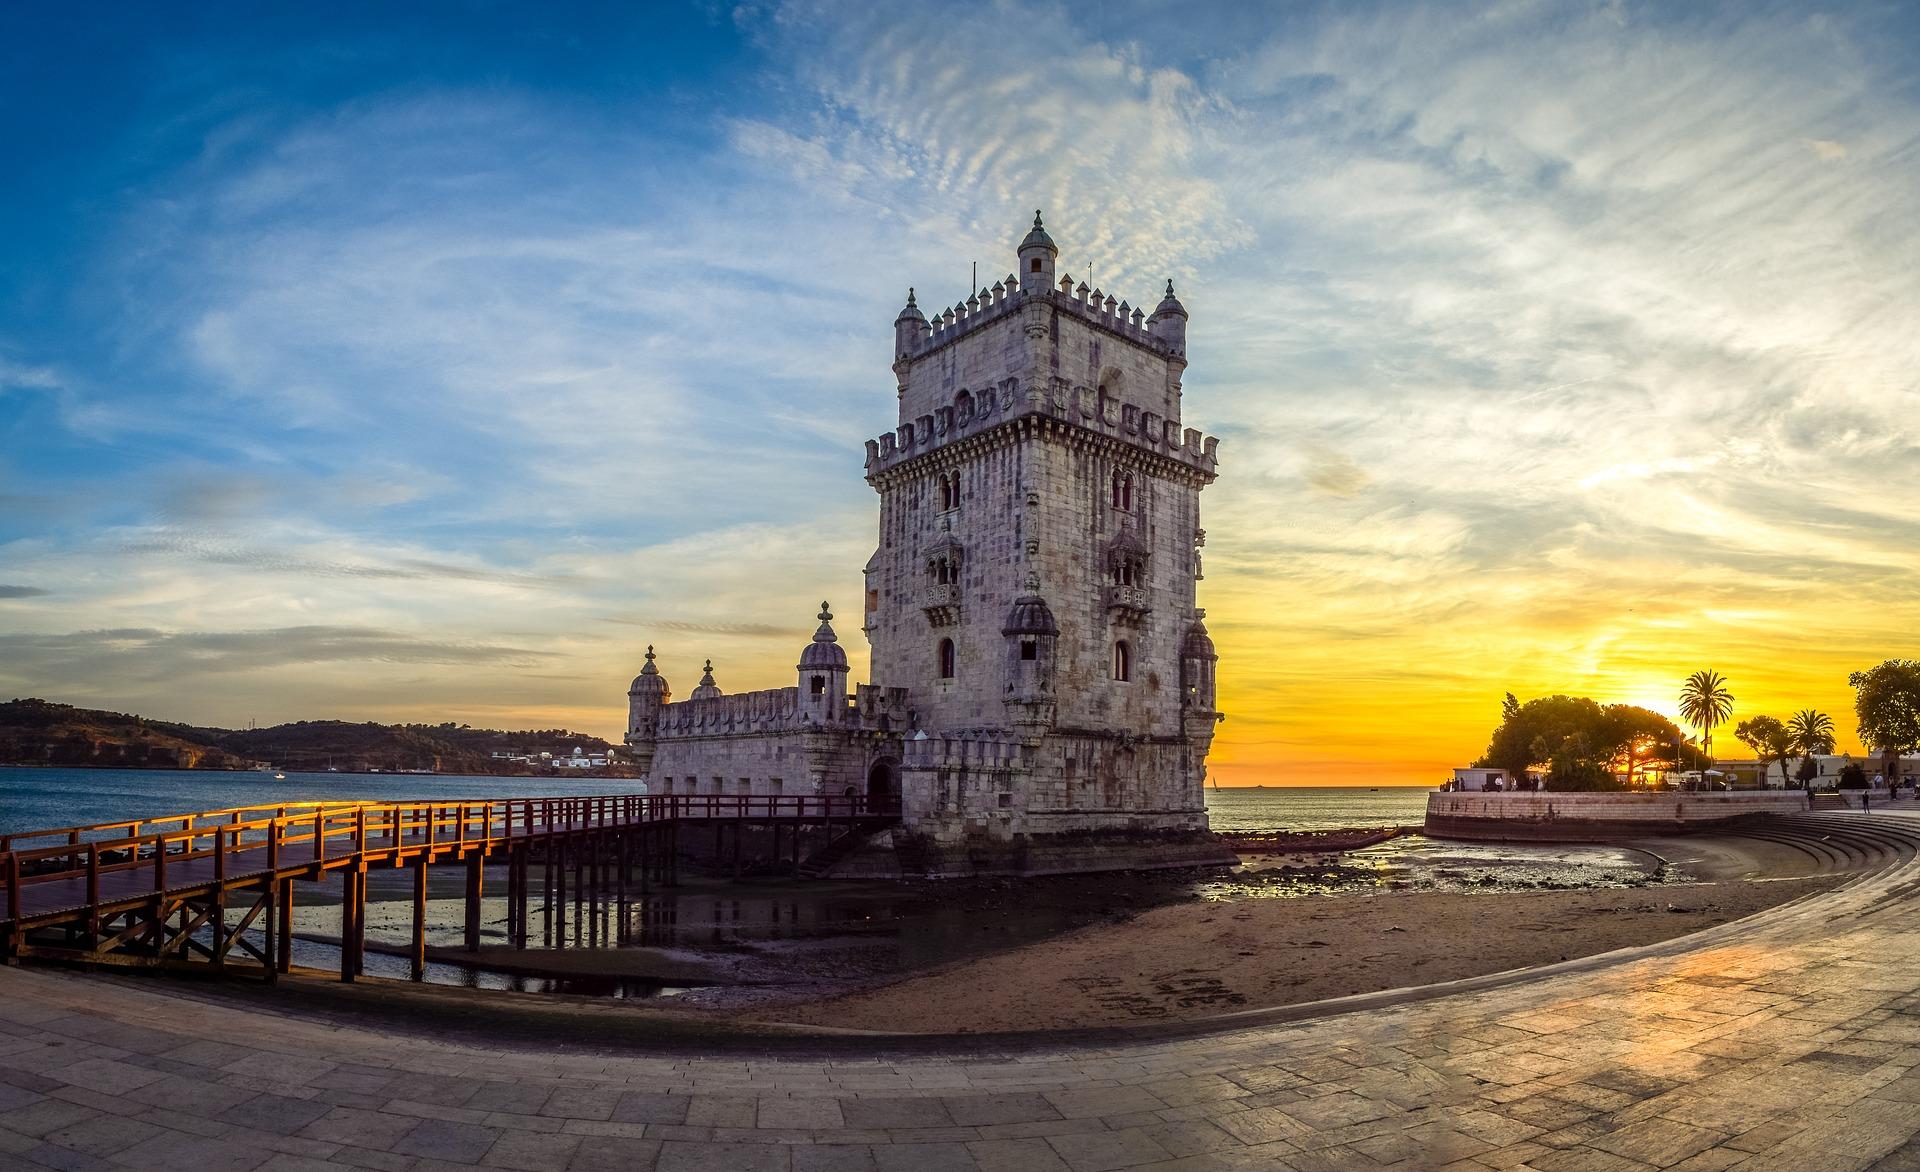 Sv pacotes Carnaval 2022 em Lisboa